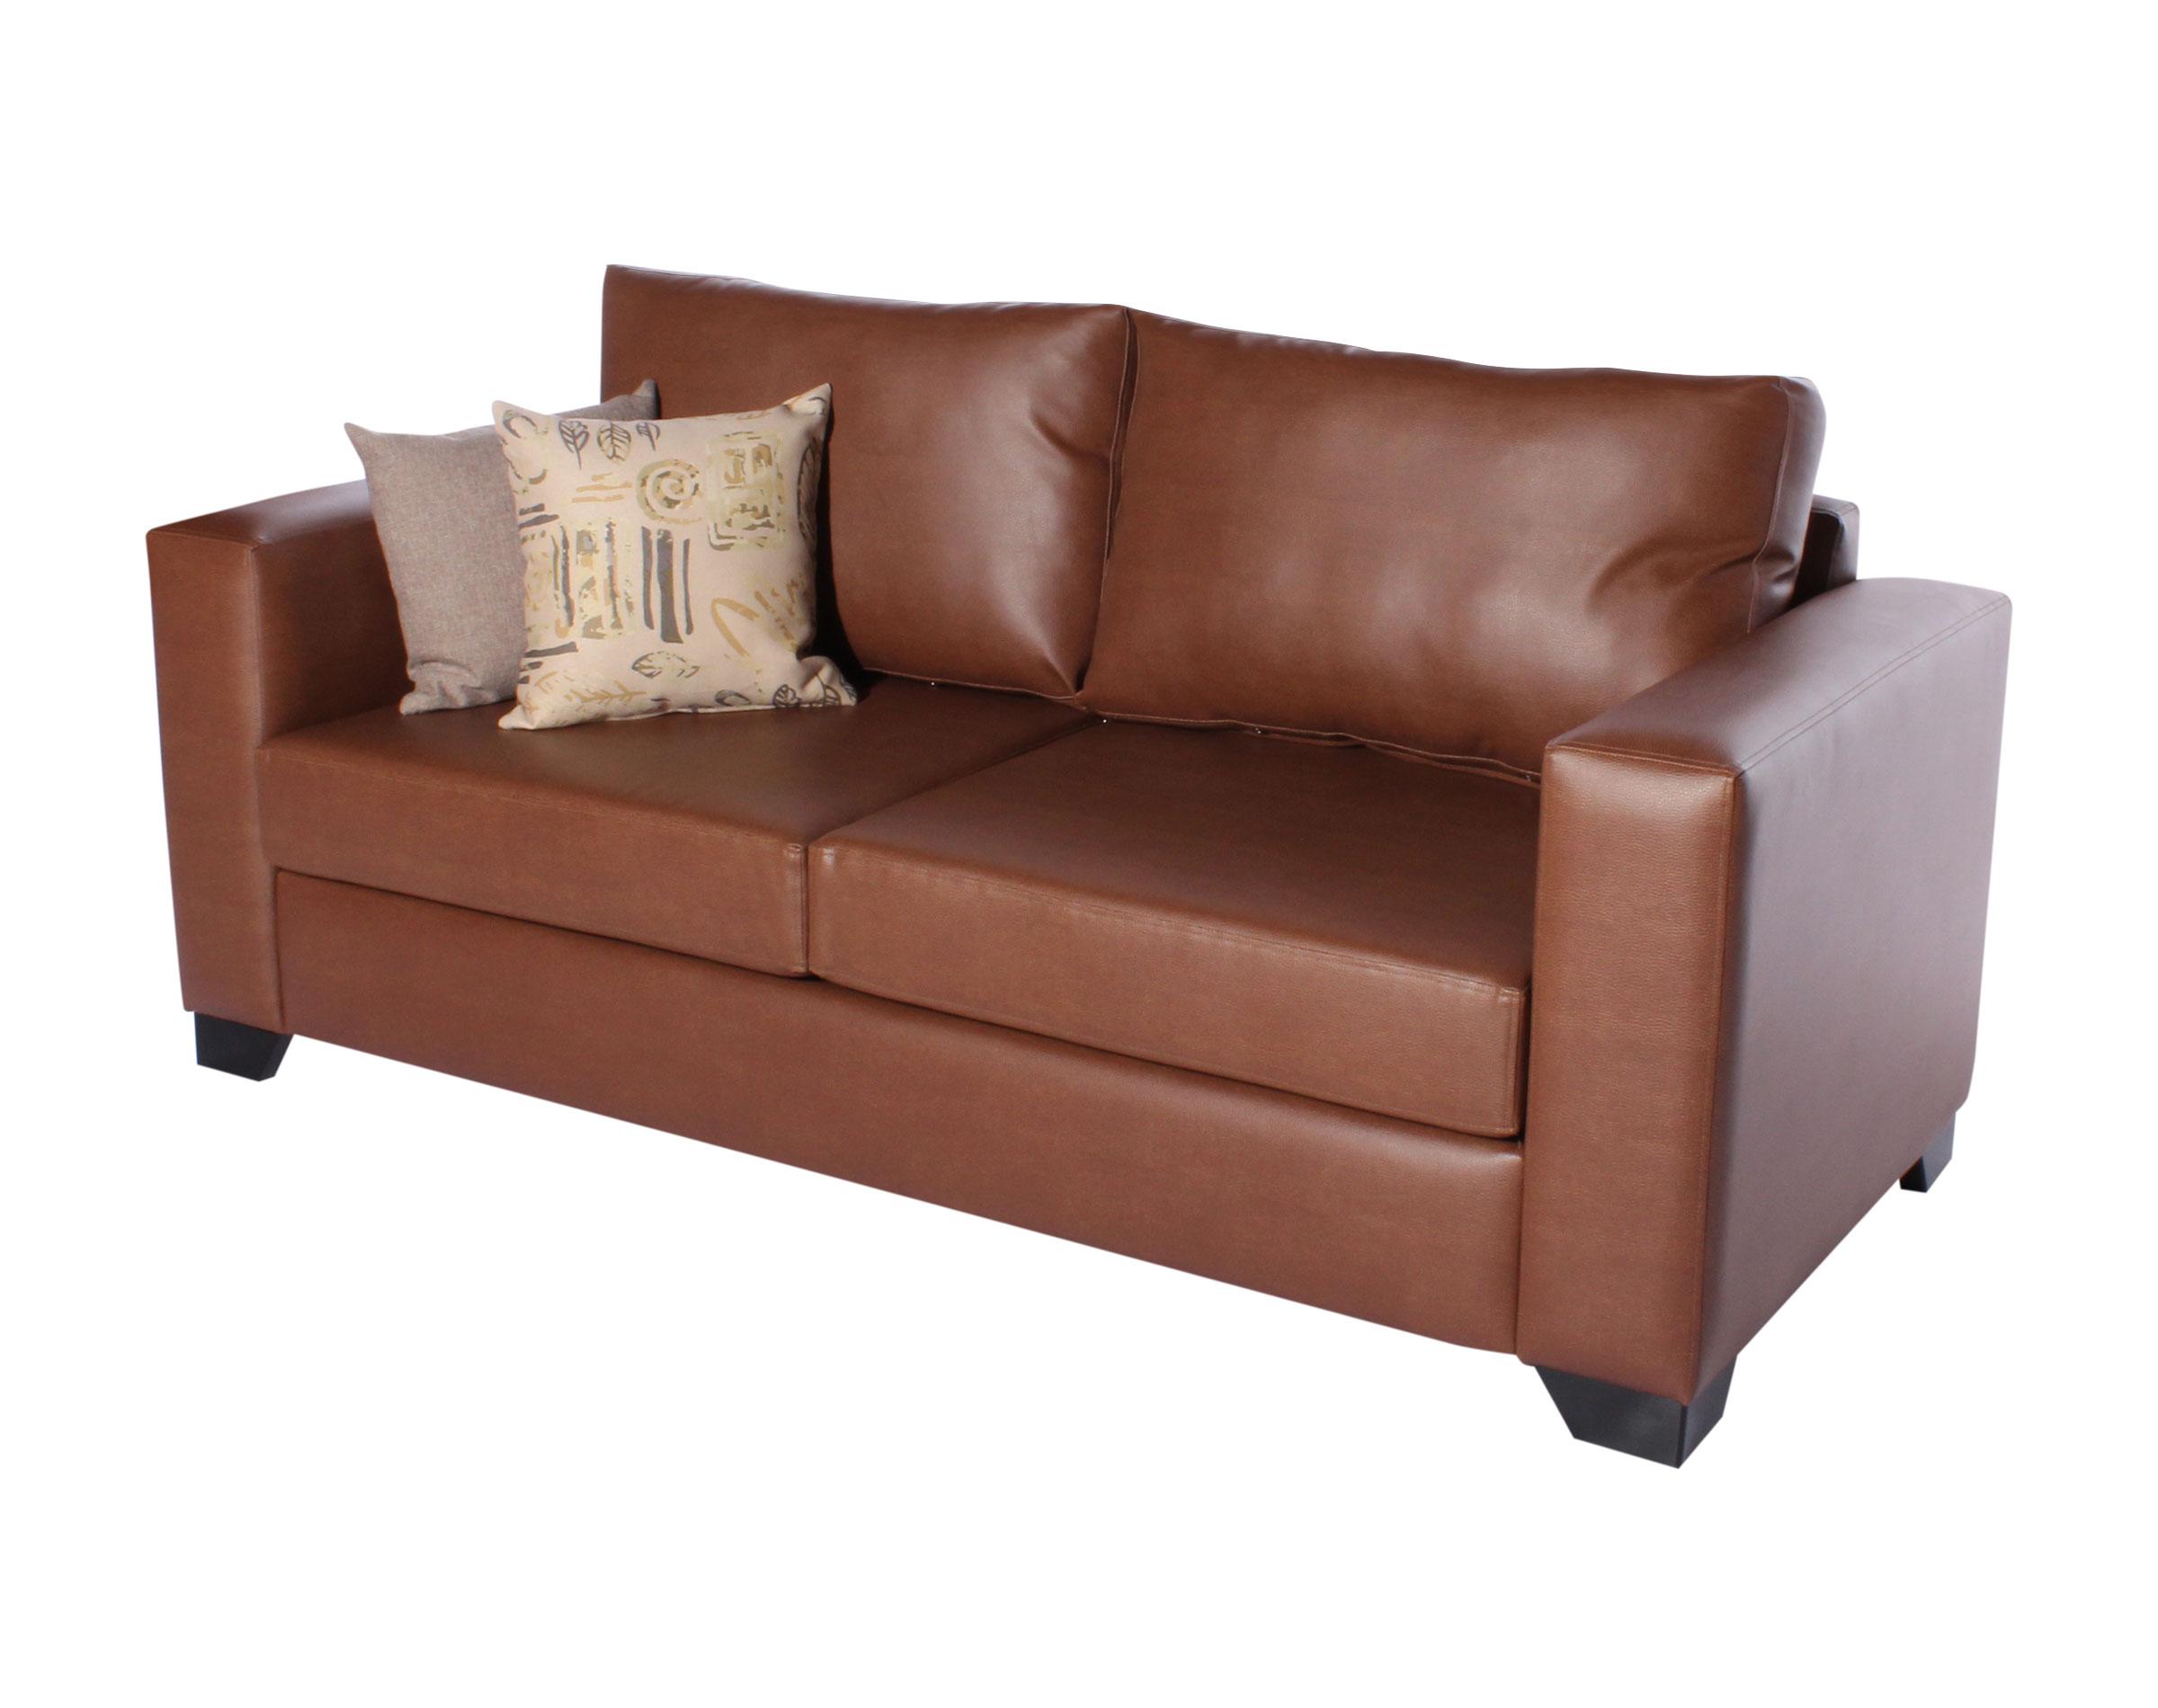 Sofa Cama Urban Cuero Envejecido 1